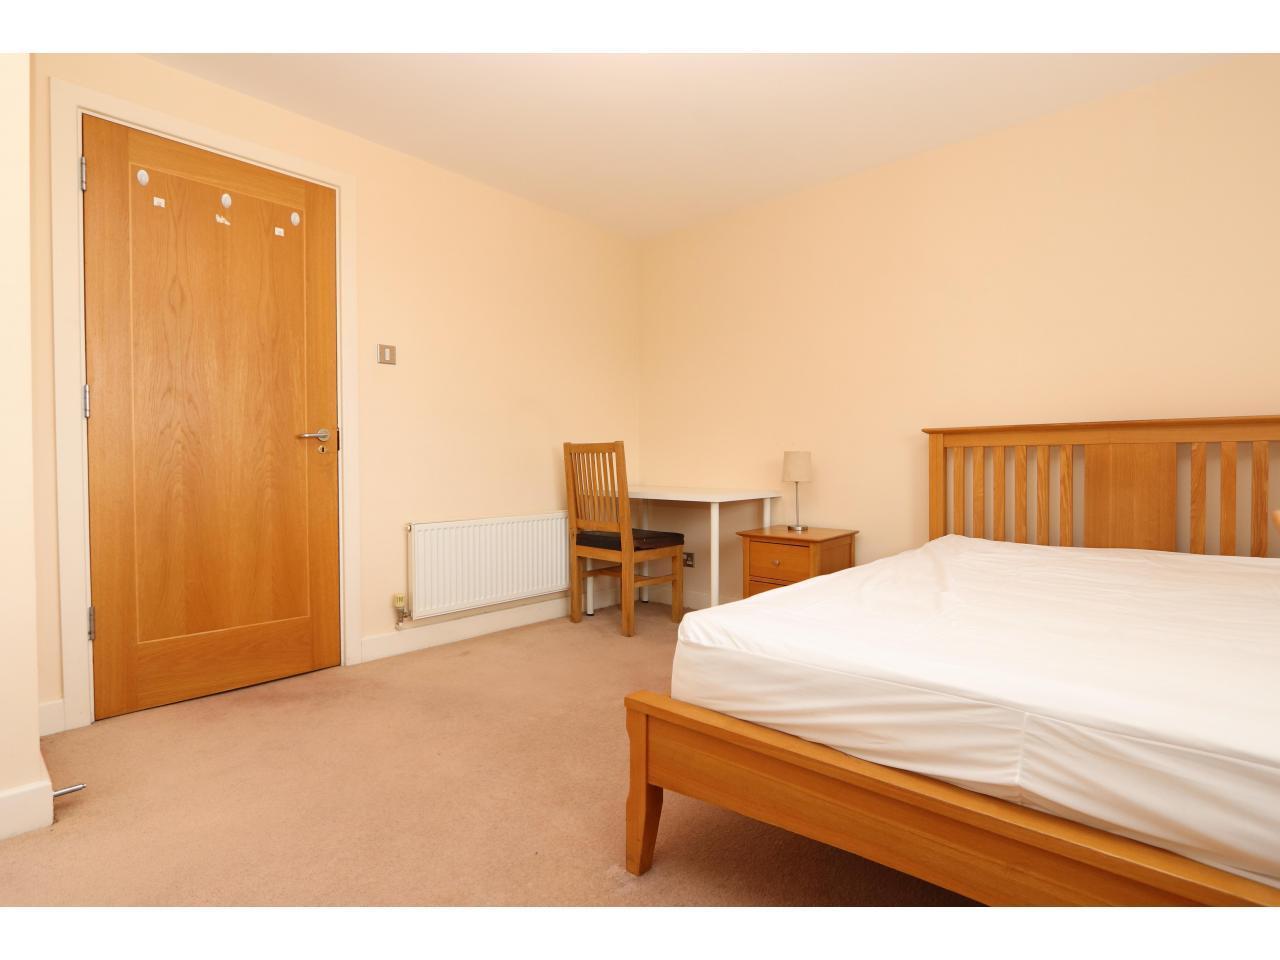 Приватная резиденция - Большая комната с балконом - 5